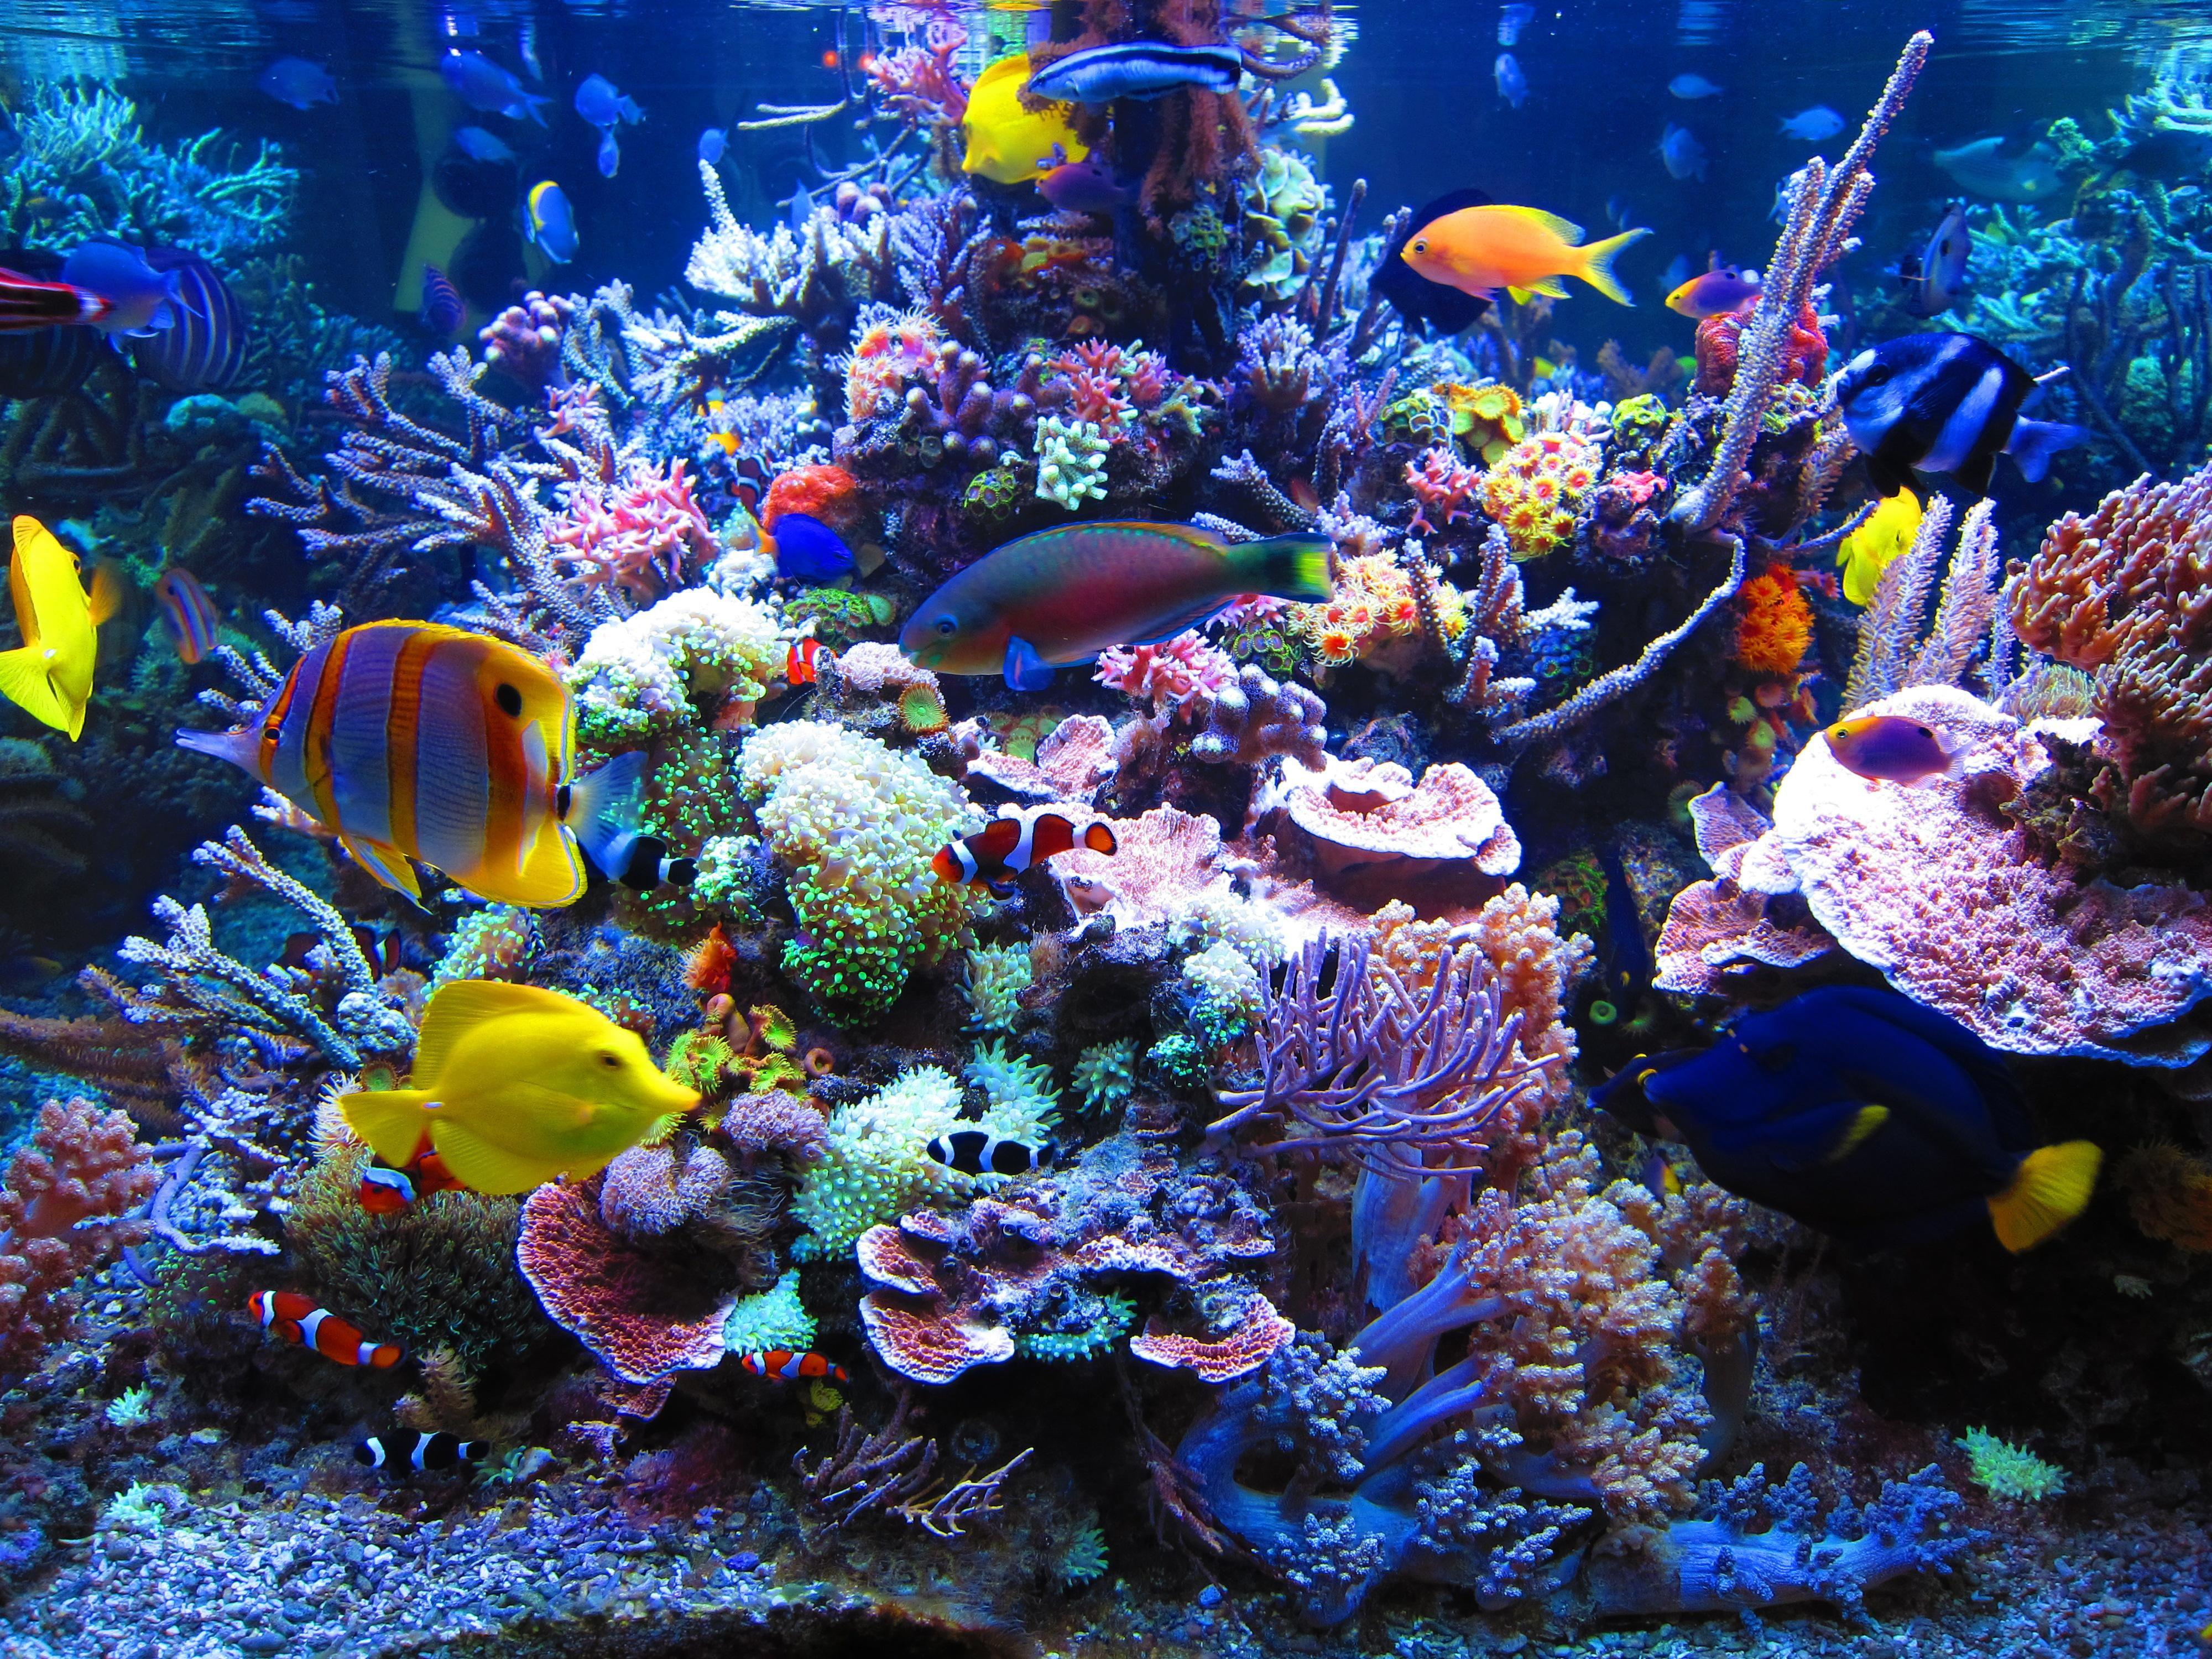 Fish for marine aquarium - Dormero Hotel Rotes Ross Reef Aquarium Reefland Com